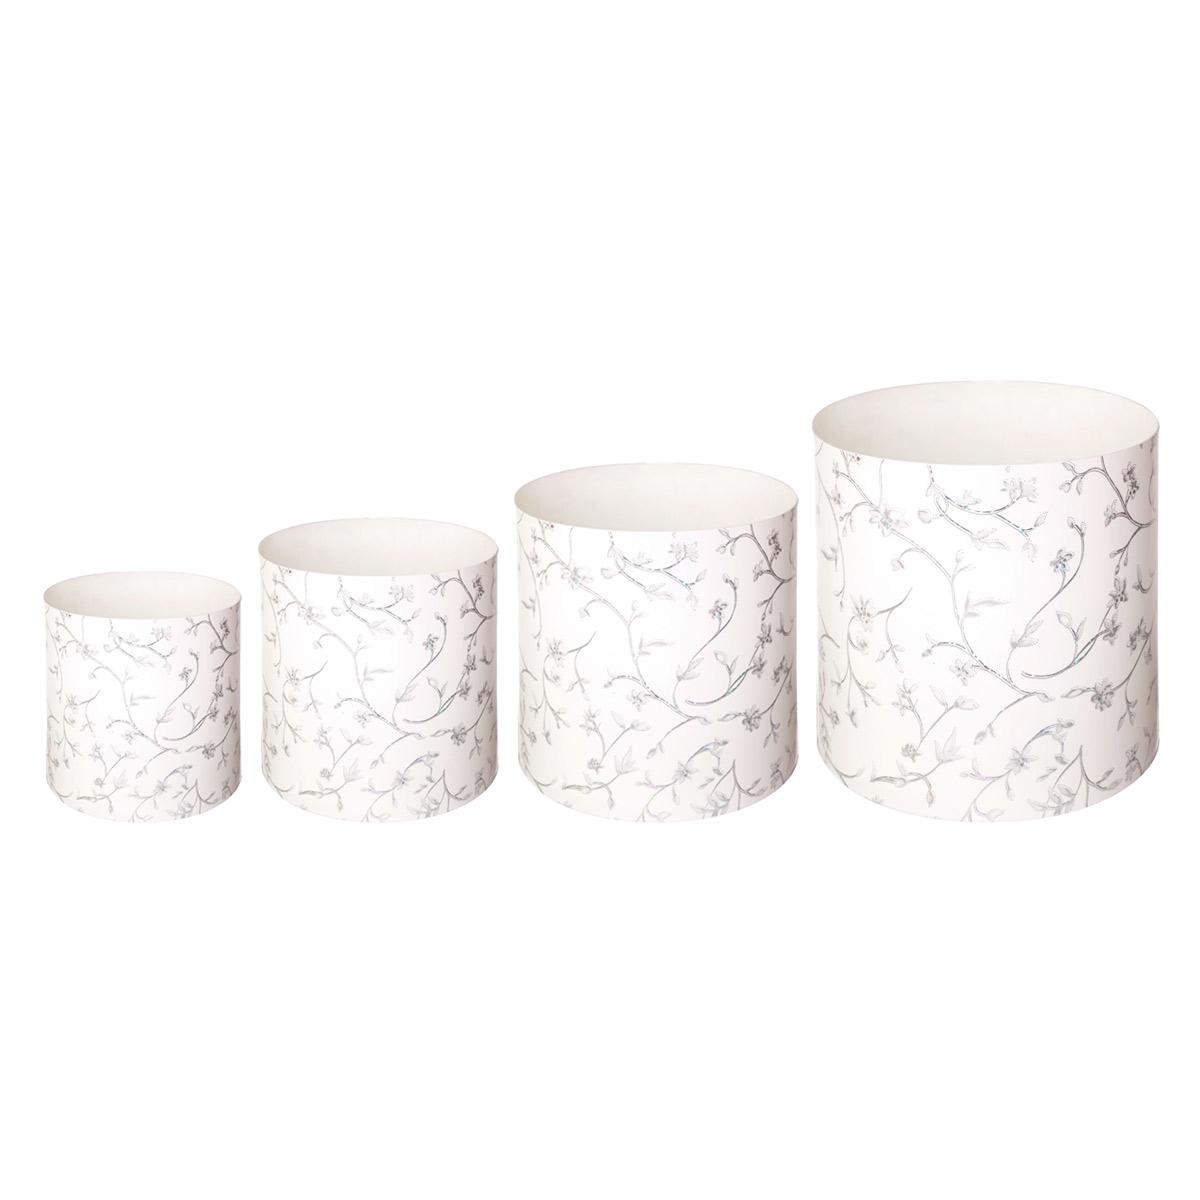 Набор горшков для цветов Miolla Металлик со скрытым поддоном, 4 предметаZ-0307Набор горшочков Miolla c 3D рисунком. Хорошо будут смотреться как основа для топиариев и флористических композиций. А так же замечательно для комнатных цветов. Со скрытым поддоном.